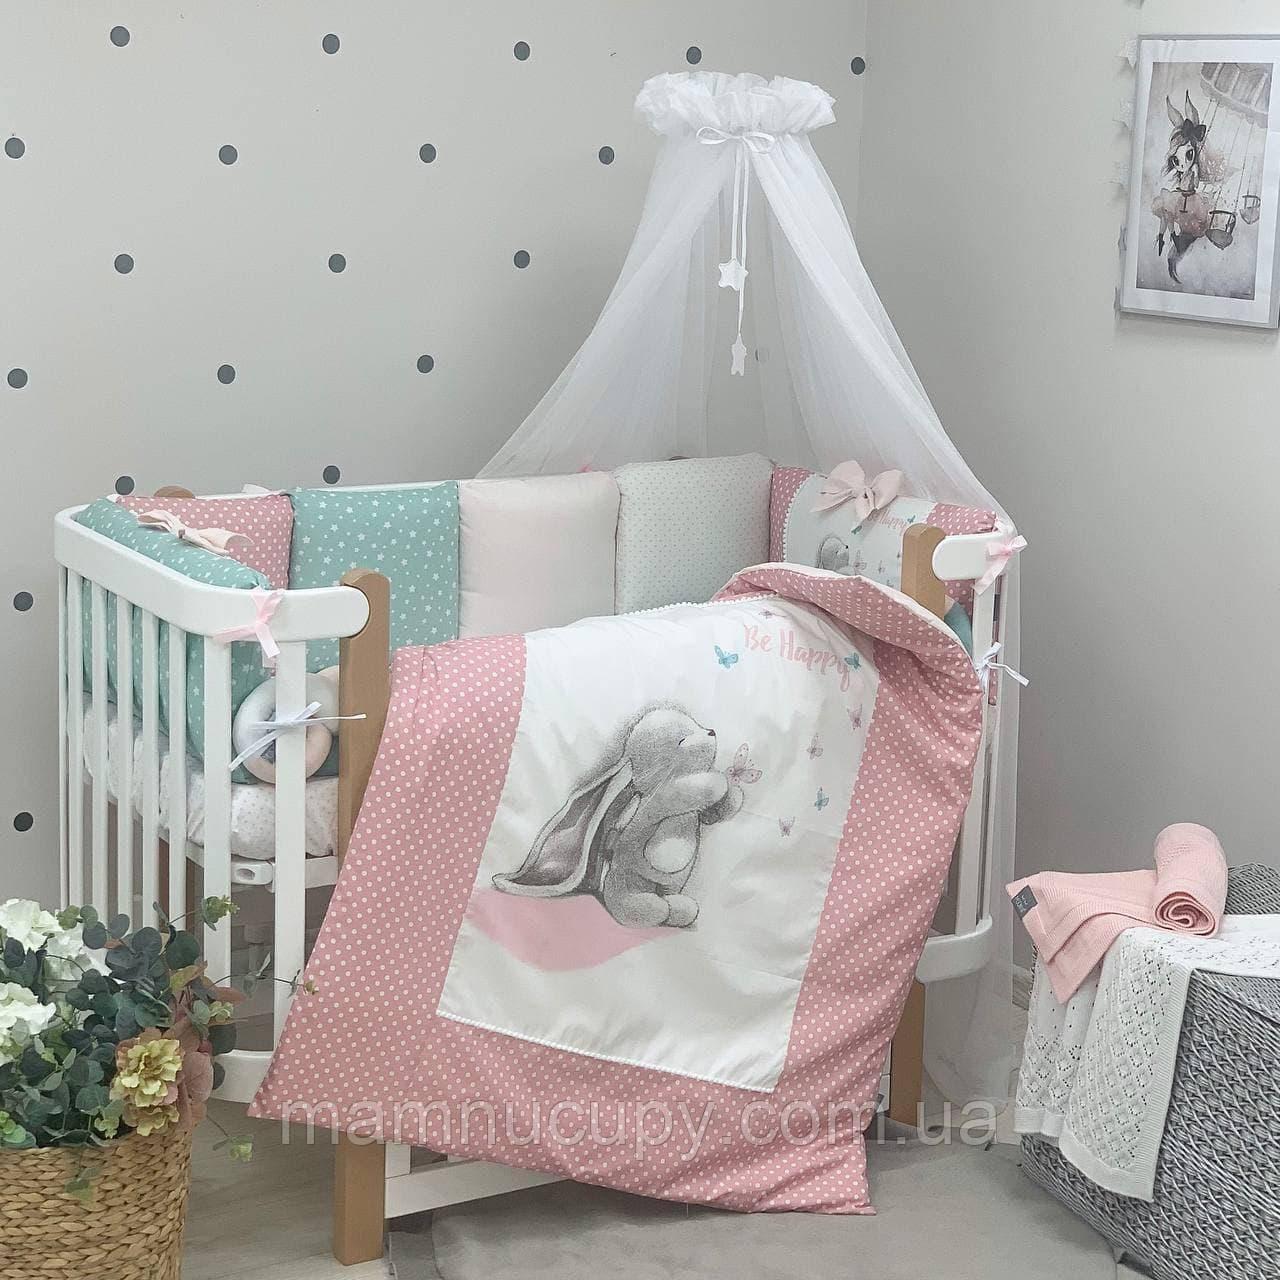 Комплект постільної білизни в дитячу ліжечко Akvarel Зайчик з метеликом ТМ «Маленька Соня»